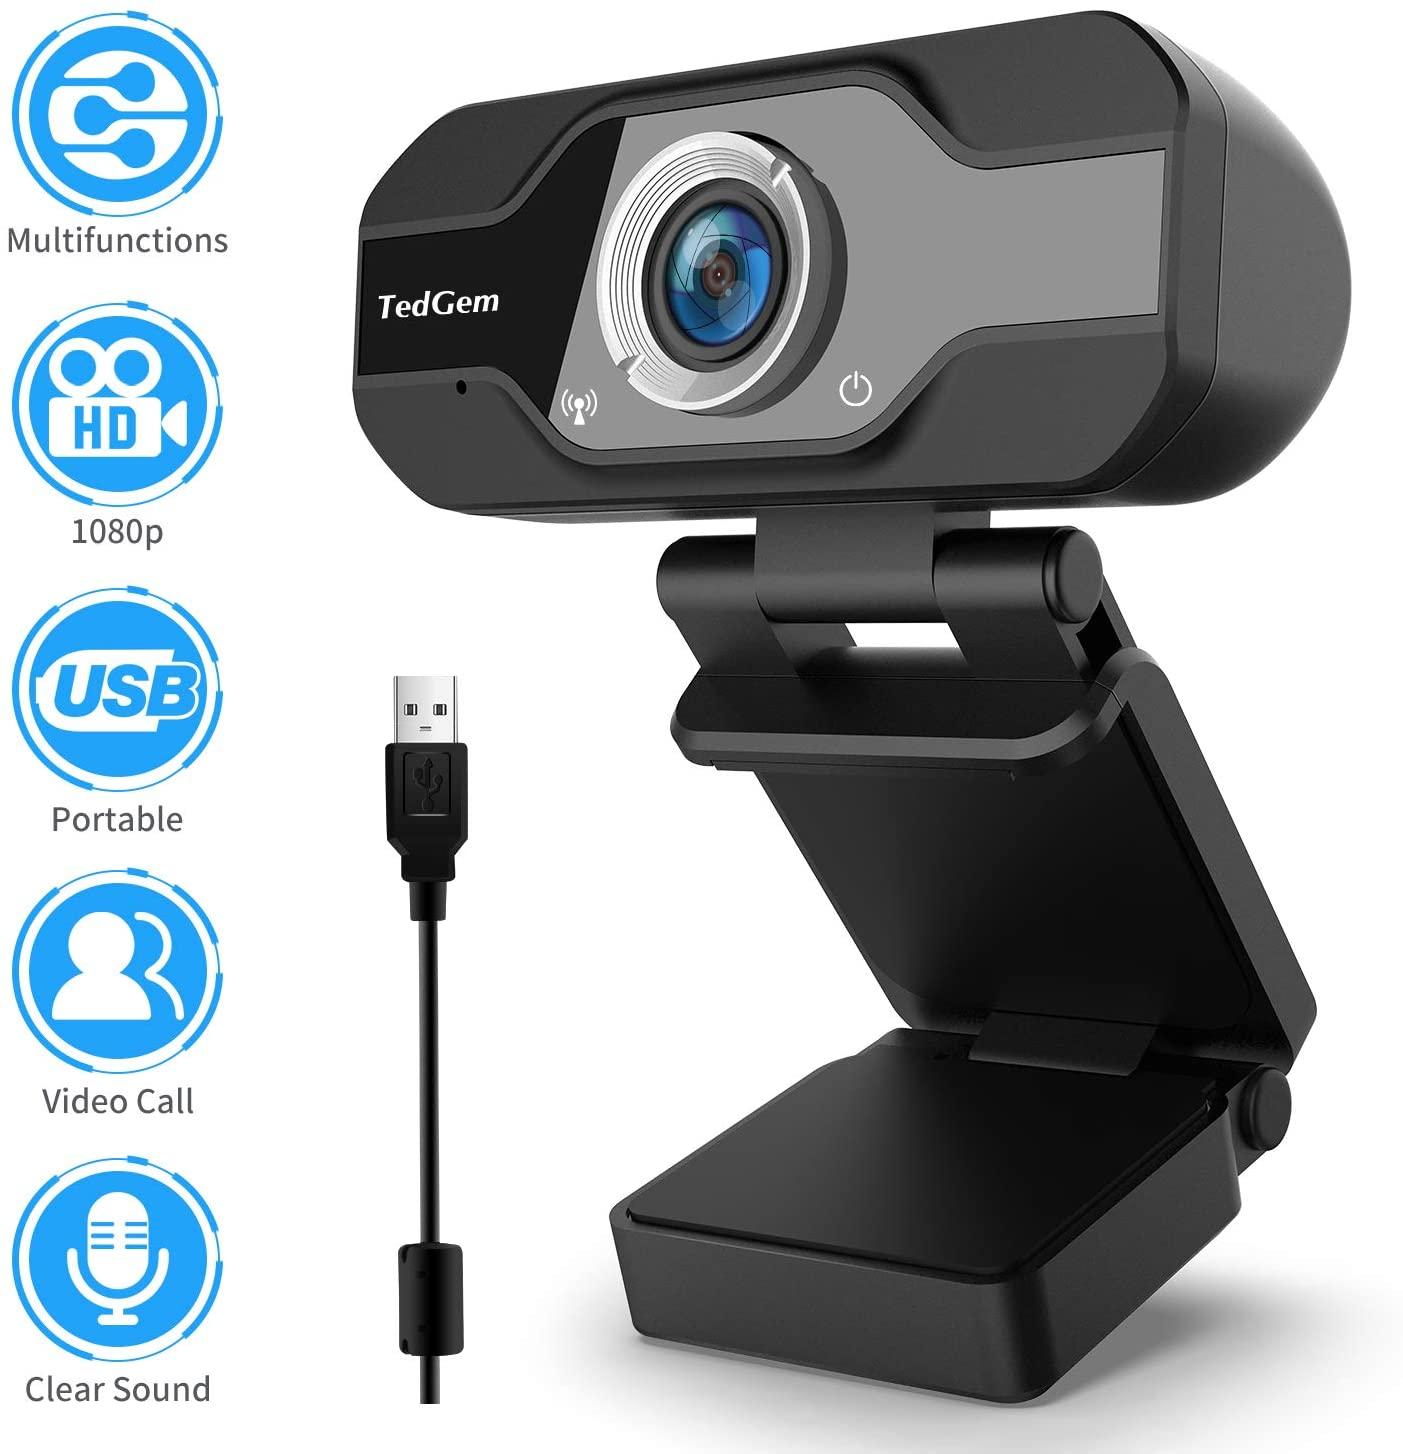 webcam-full-hd-tedgem.jpg